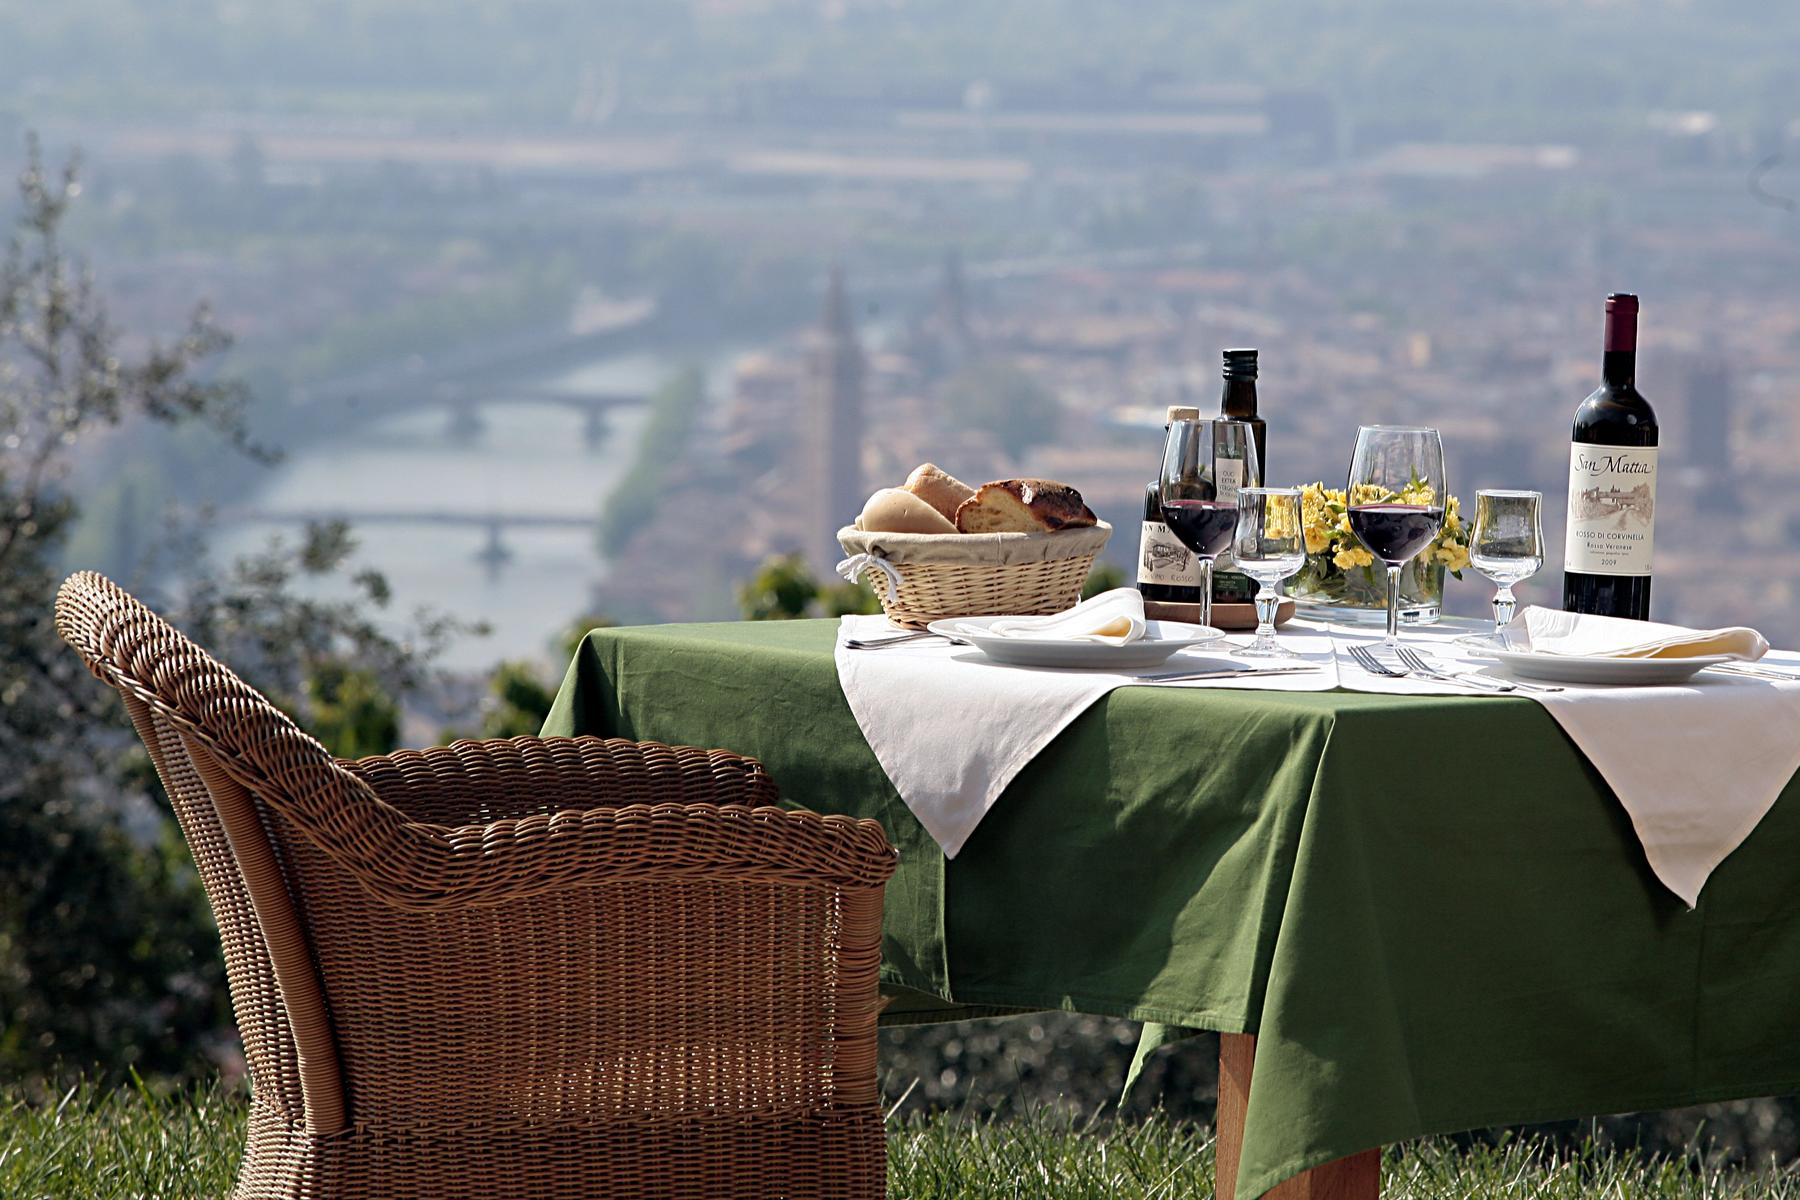 Utsikt-med-dukat-bord